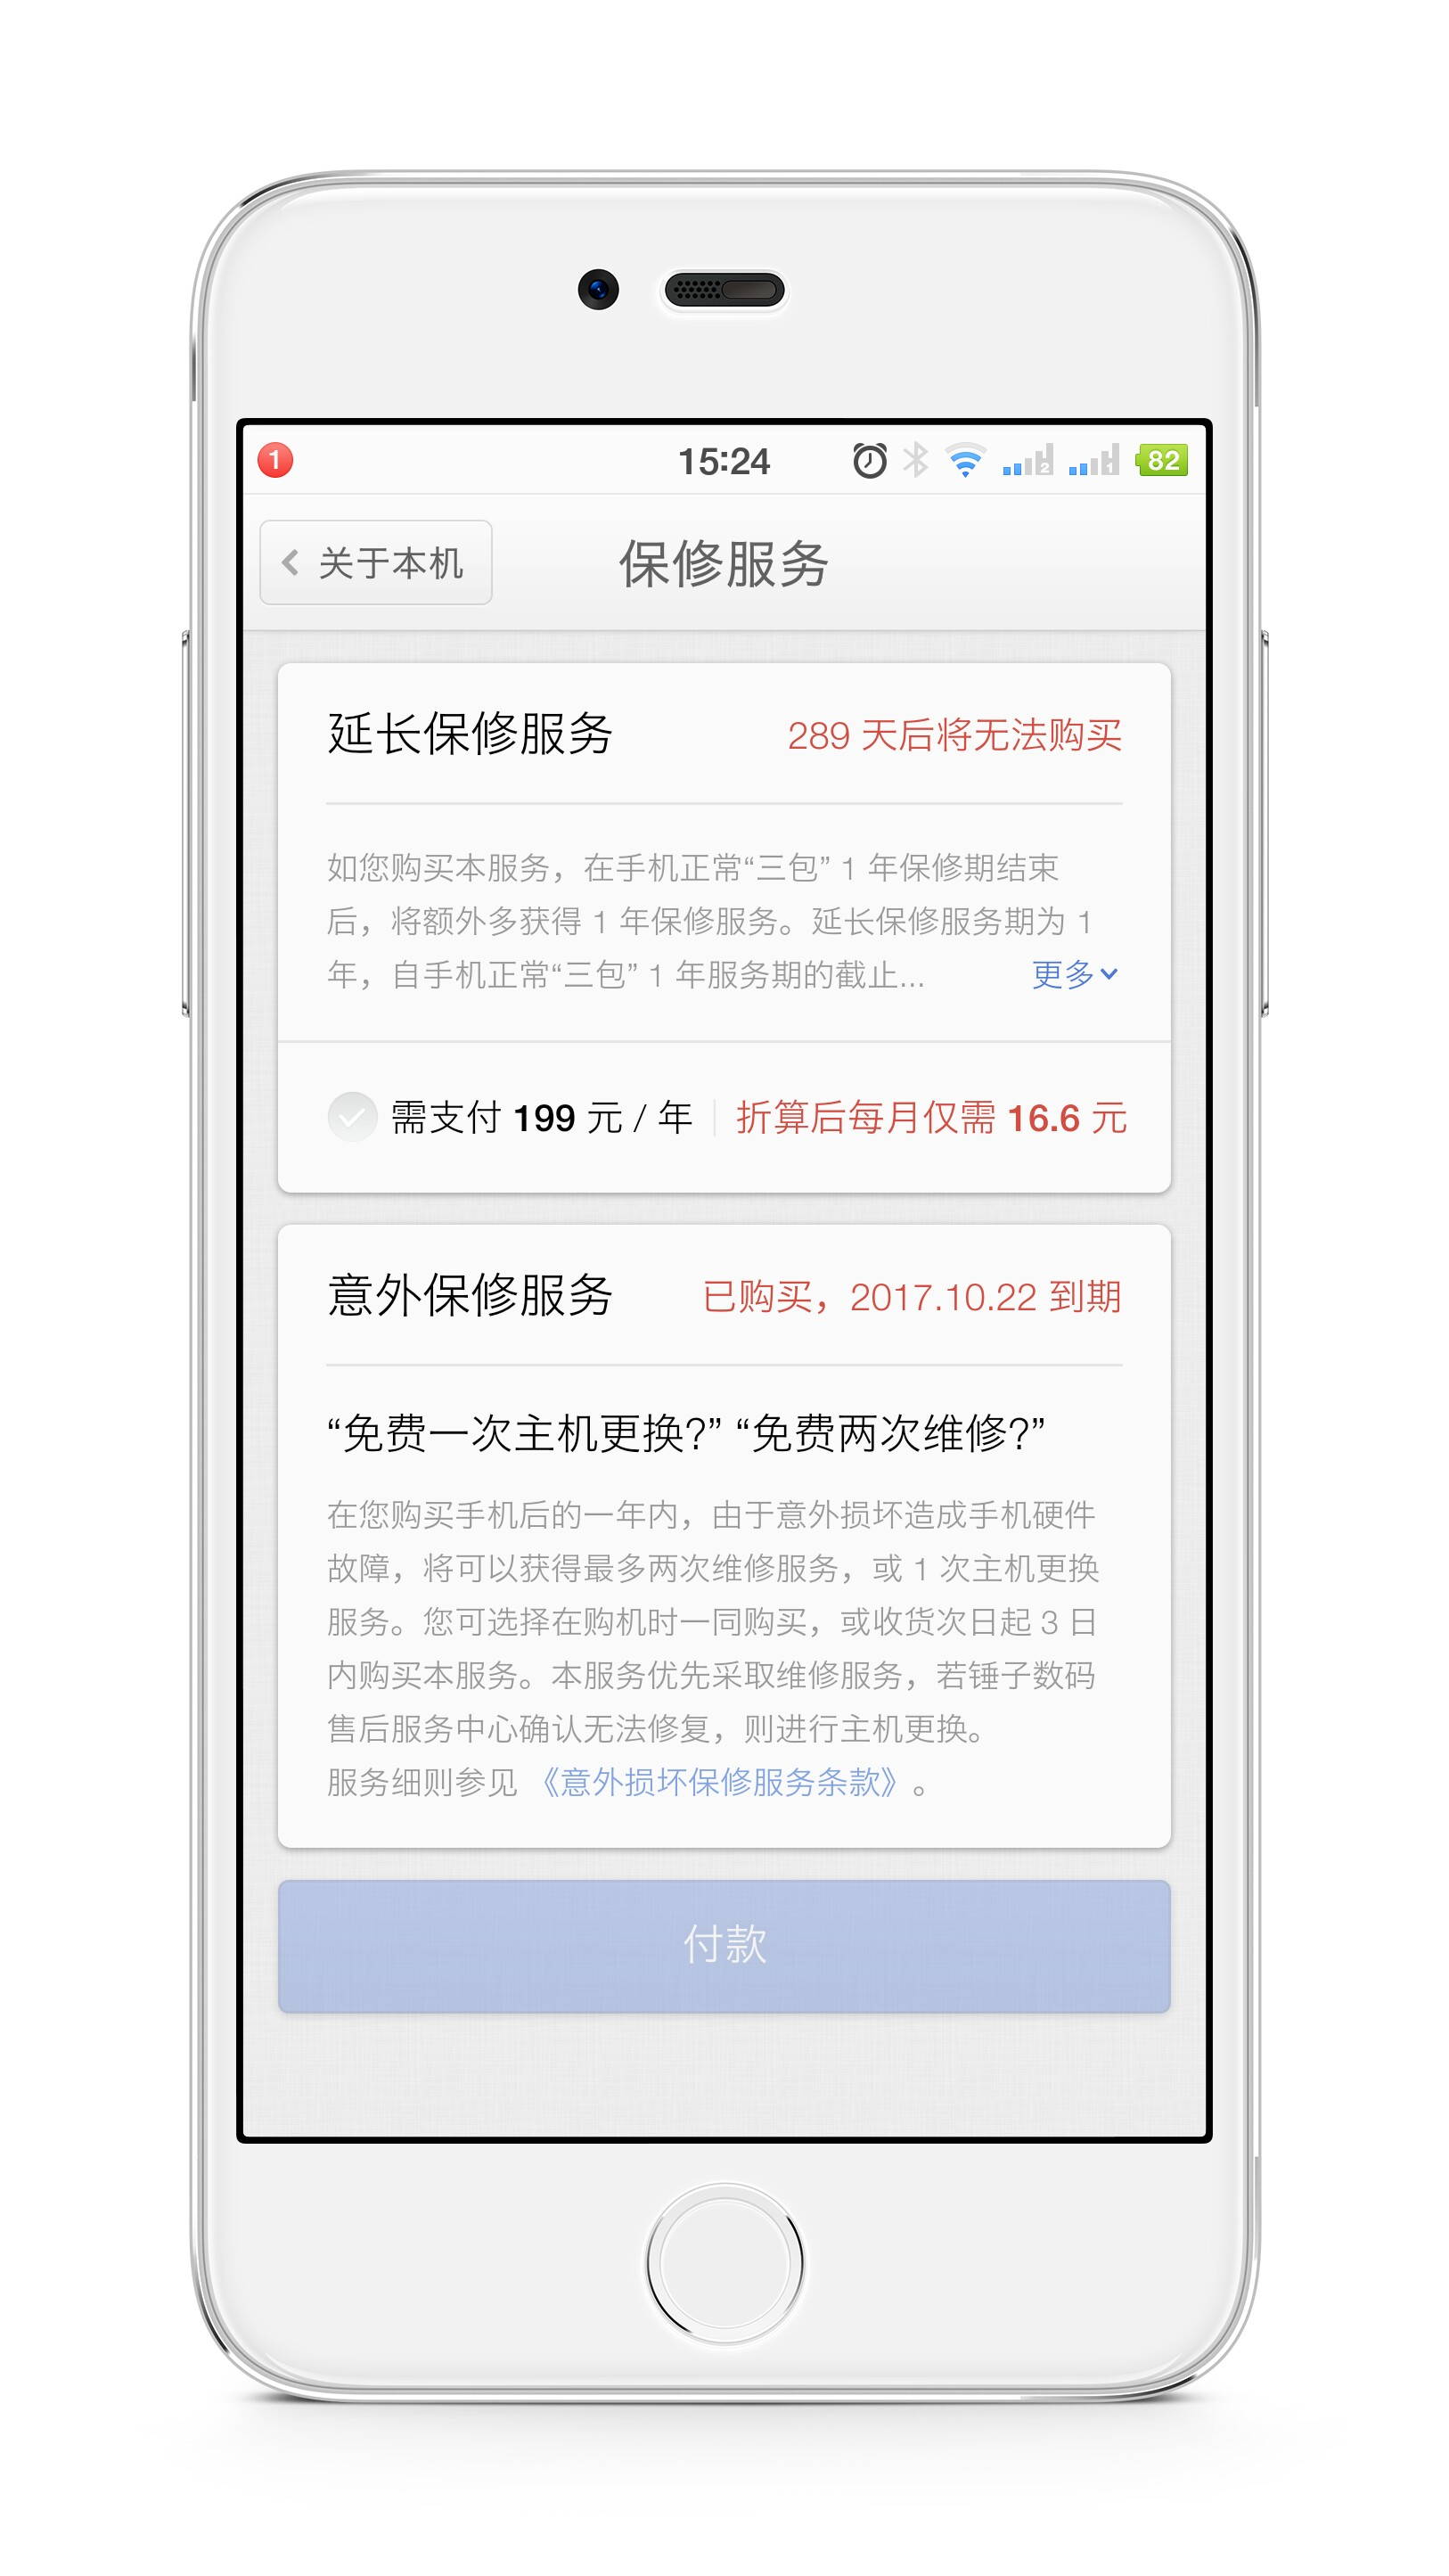 Screenshot_2017-01-02-15-24-16-420_?????_compress.png